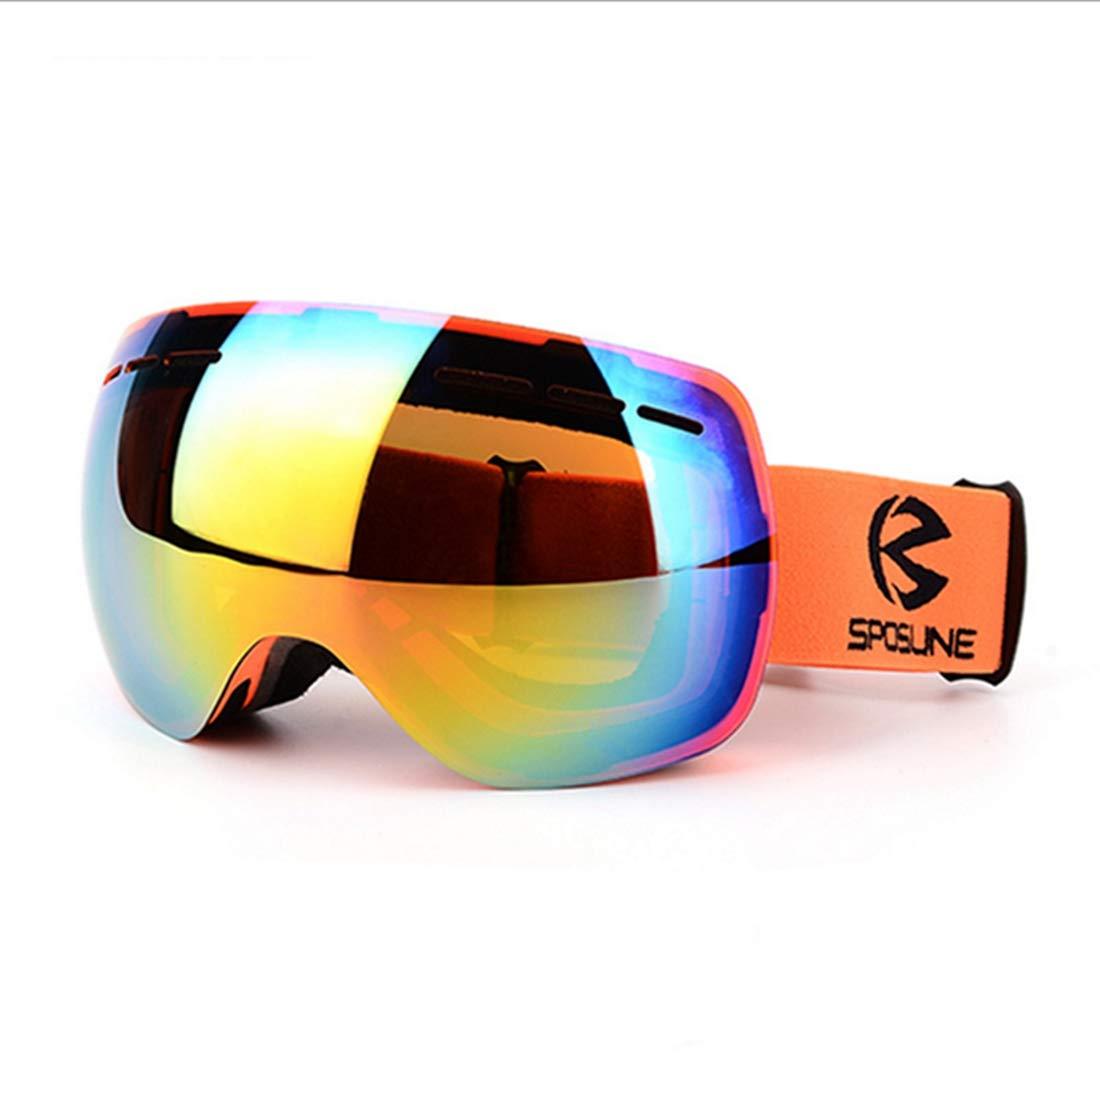 APRFELICIA Gafas de esquí Gafas de esquí para Hombre y Mujeres Gafas de Alpinismo Doble Capa Antiempañante Gafas de esquí a Prueba de Viento (Color : Orange)